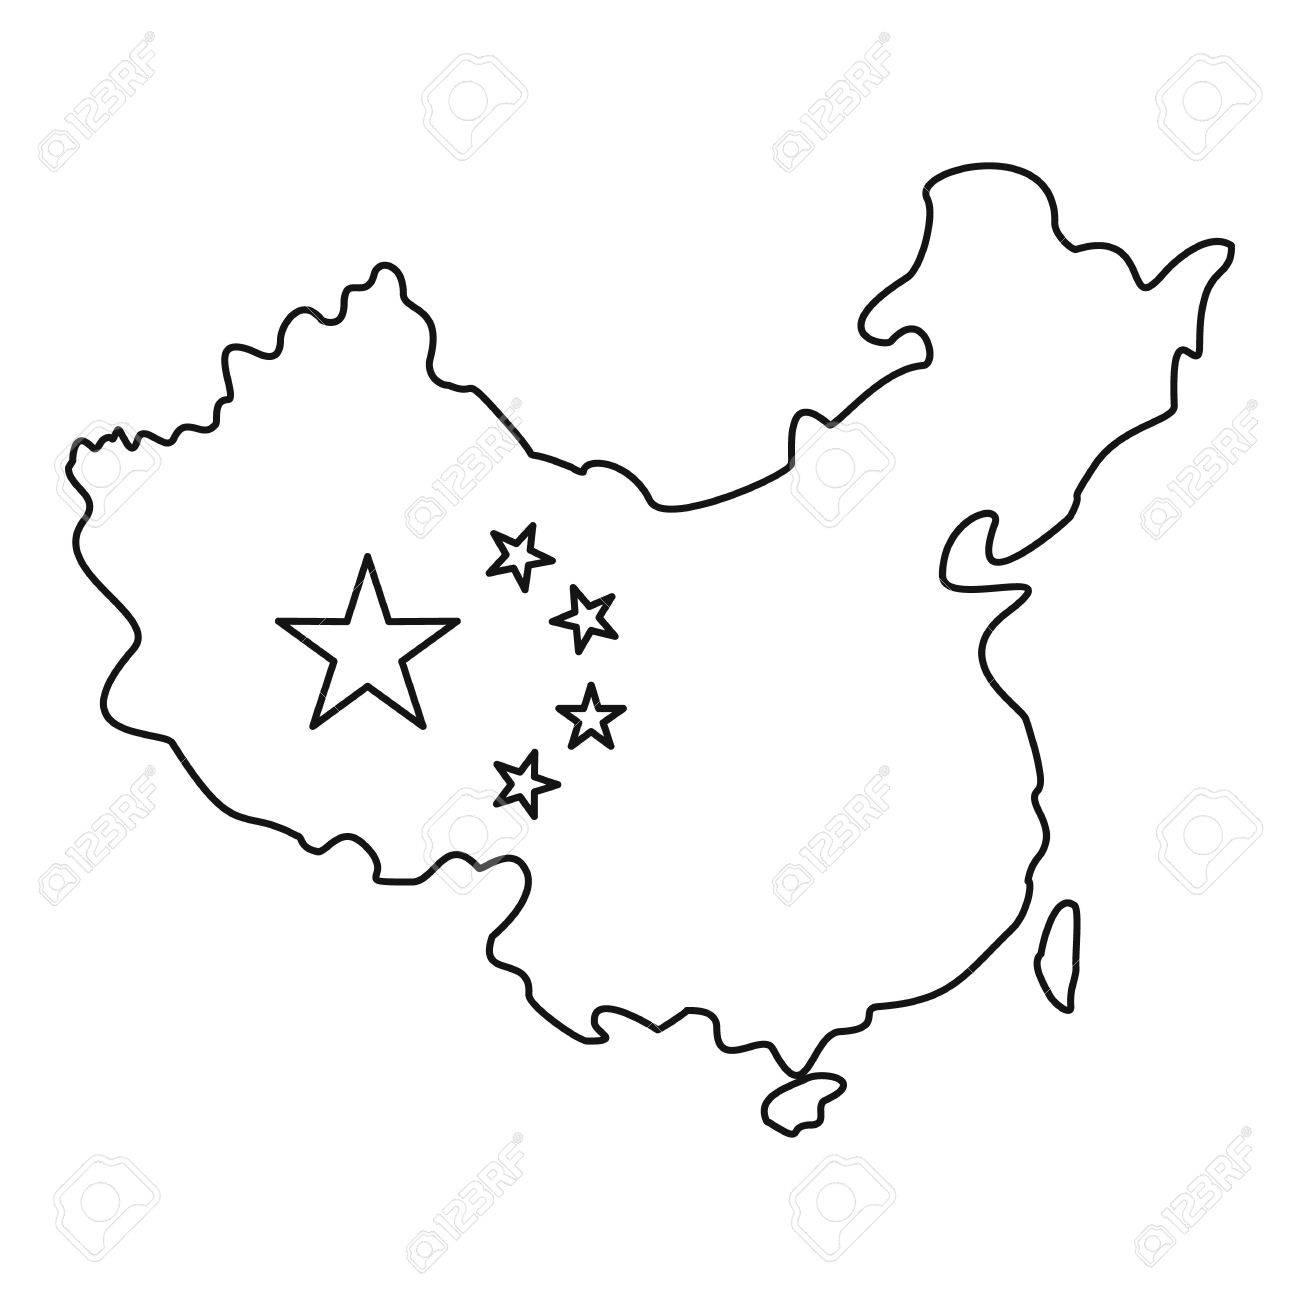 china karte umriss Karte Von China Mit Flagge Symbol. Umriss Darstellung Der Karte